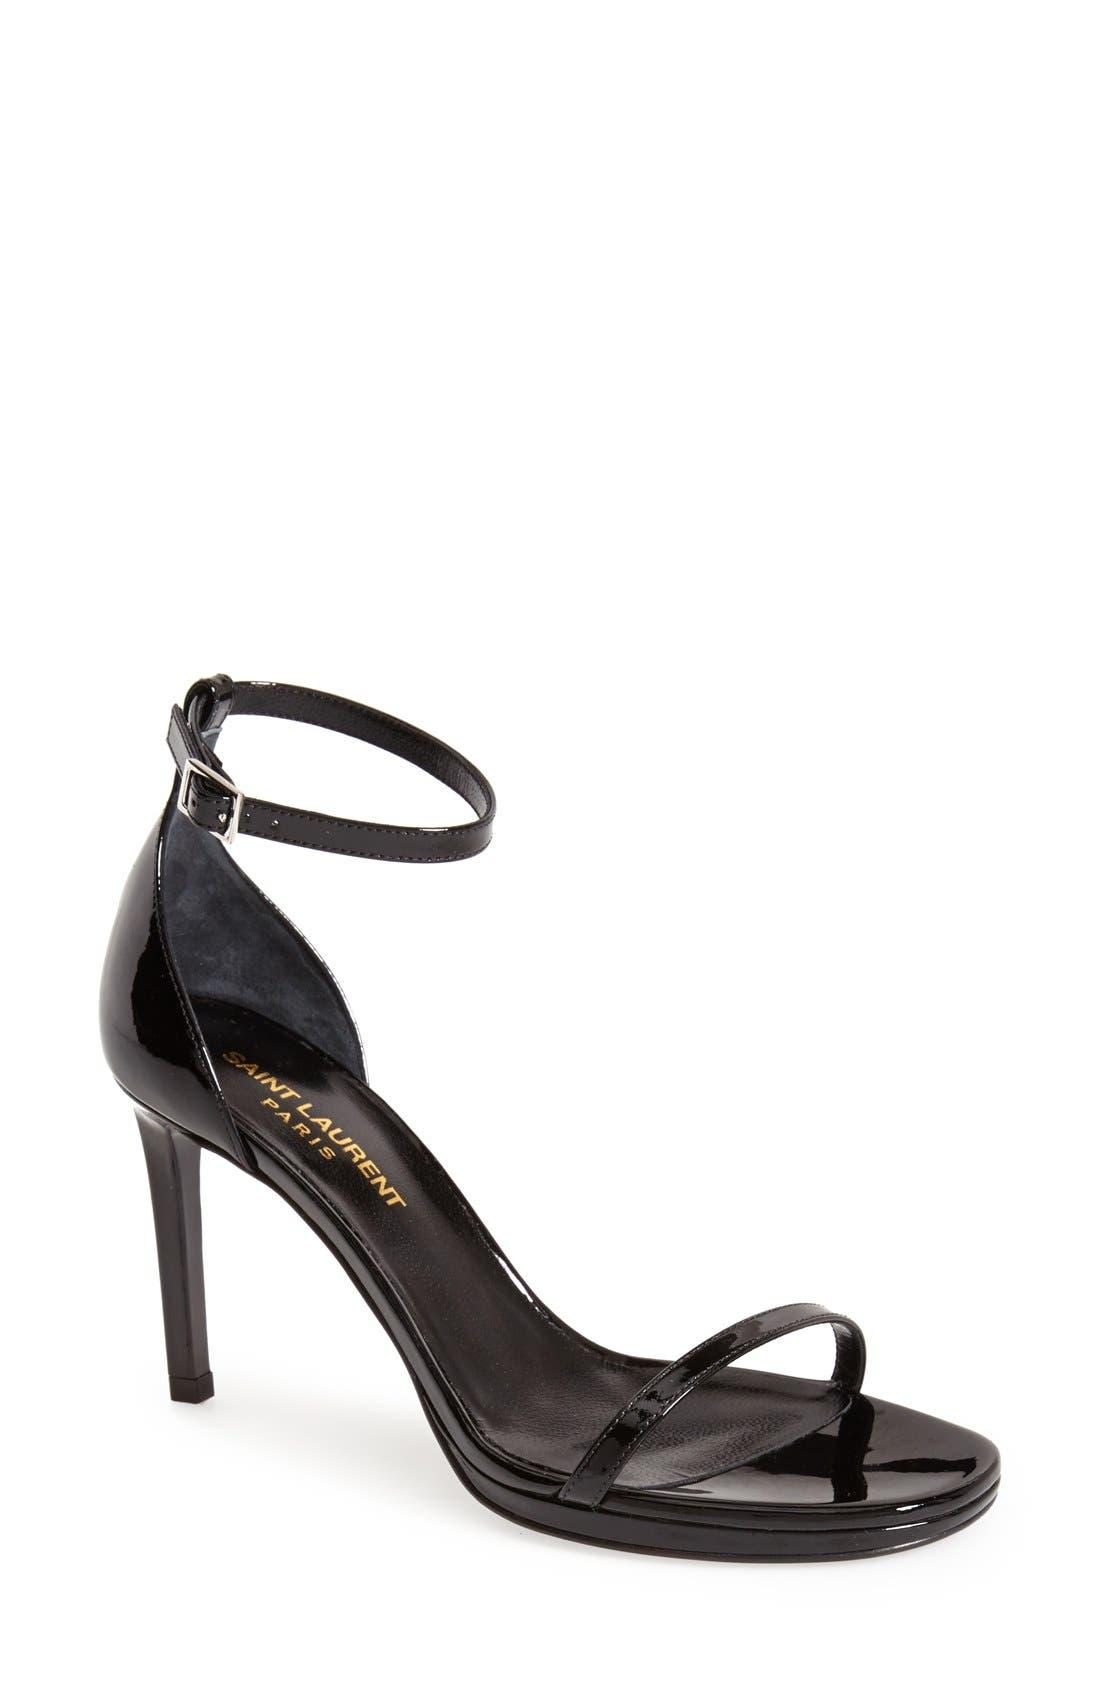 Main Image - Saint Laurent 'Jane' Ankle Strap Sandal (Women)